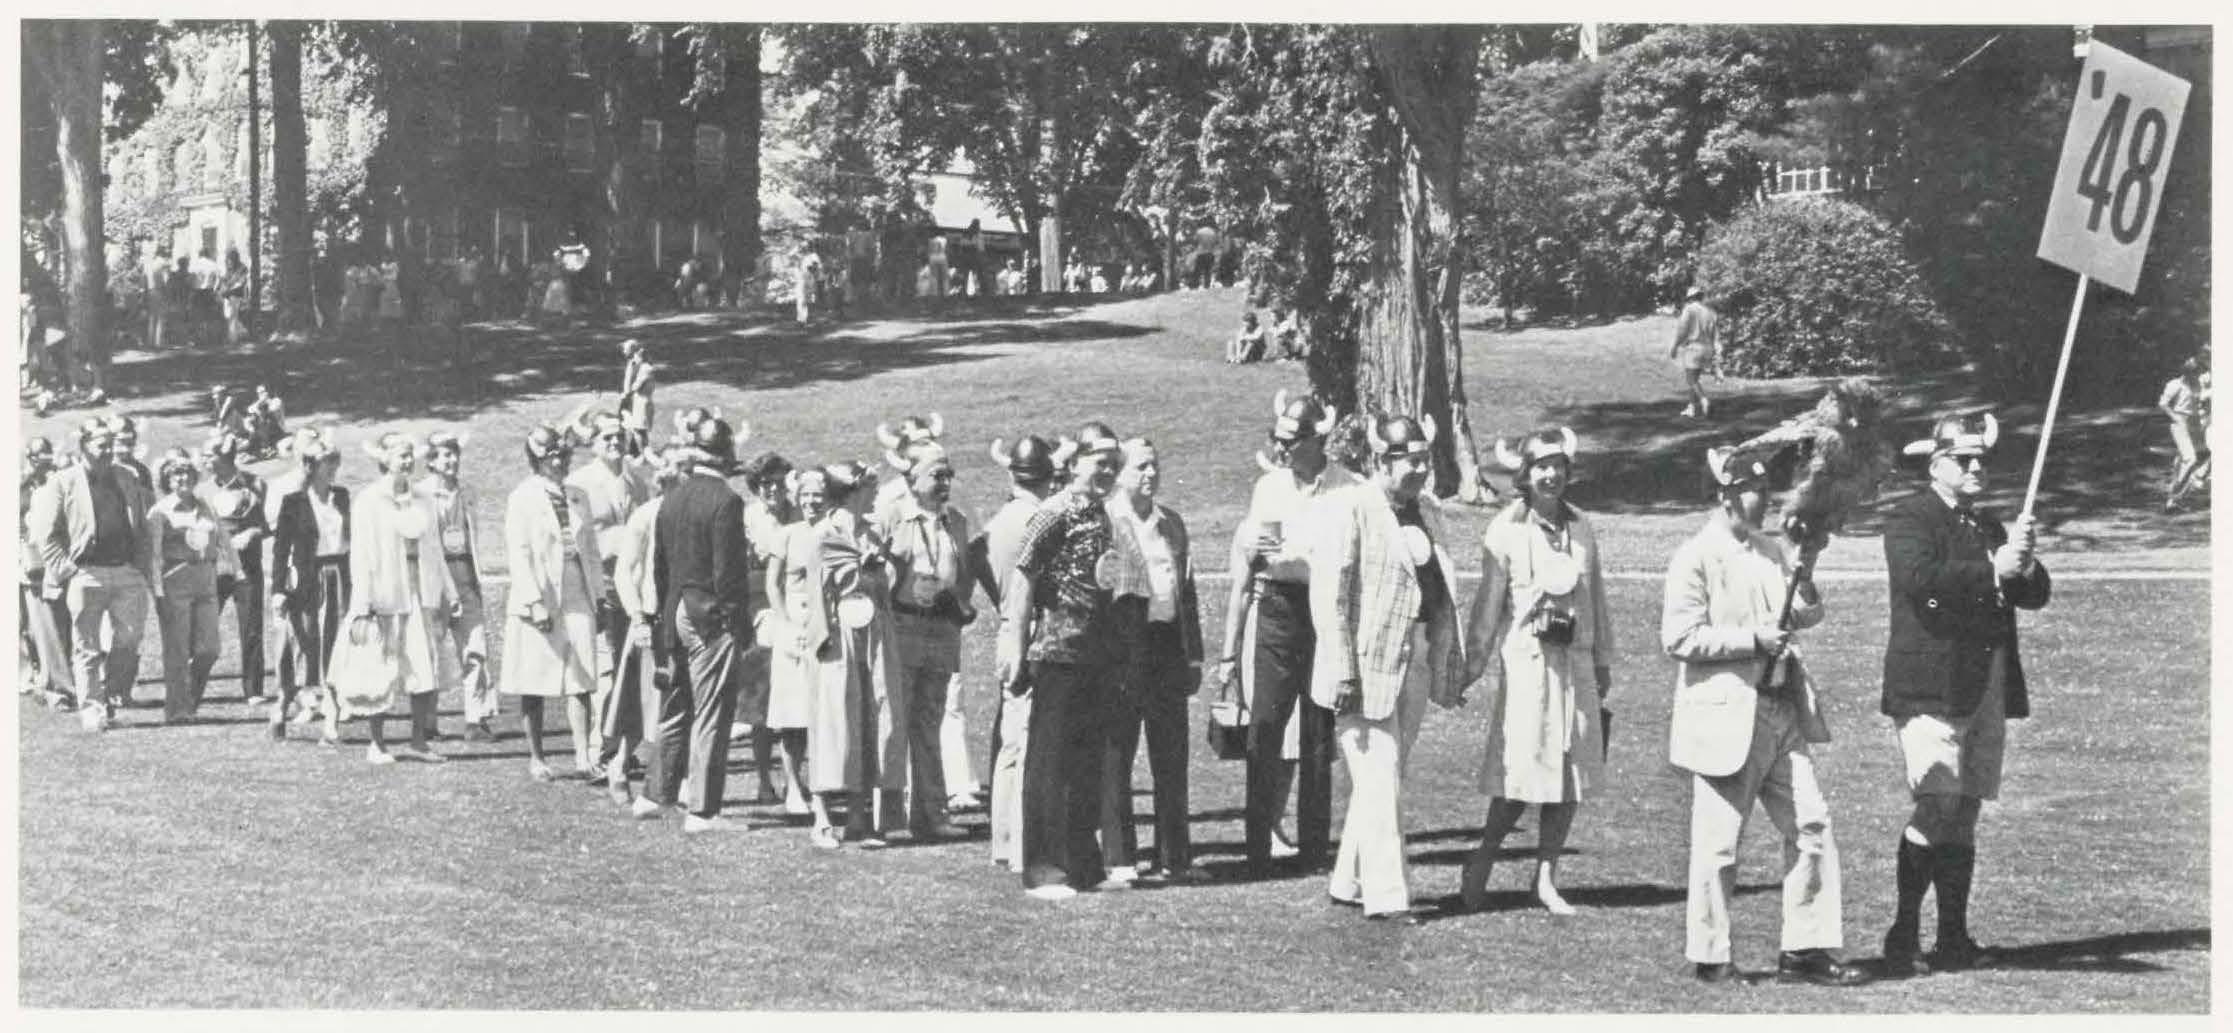 Alumni Review 1978 3 Summer - class of 1948 reunion cow headgear 2